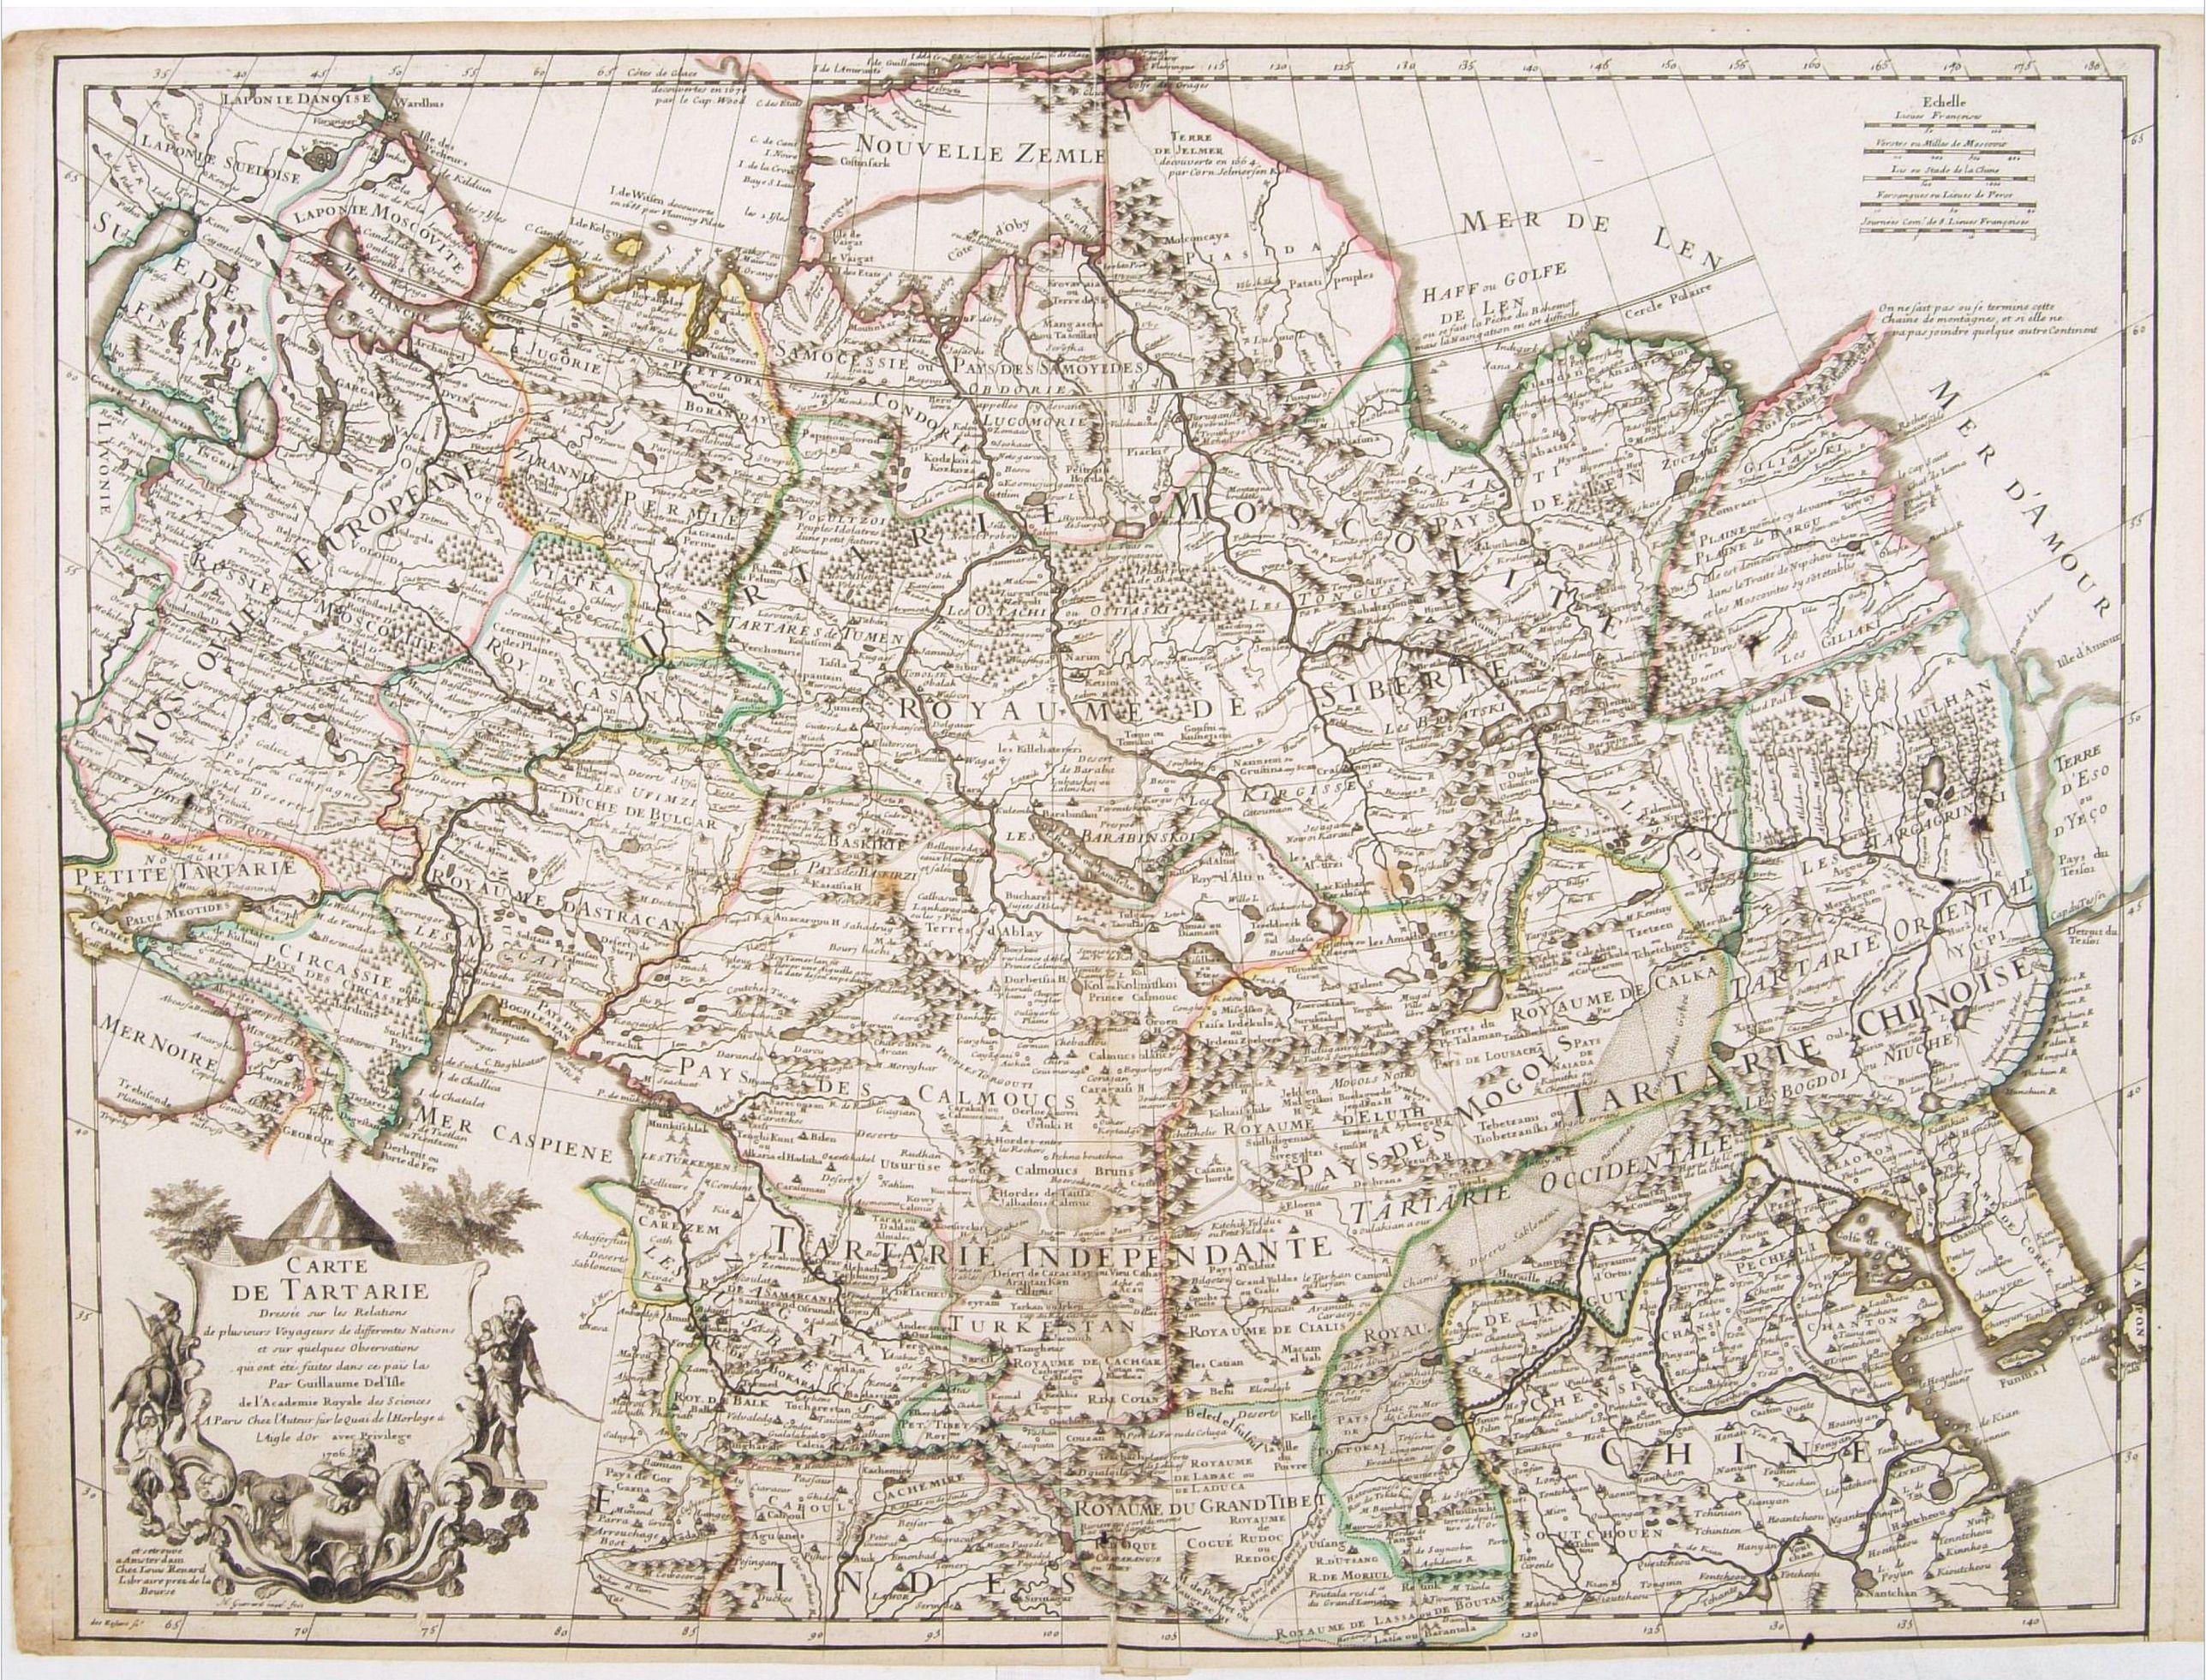 L'ISLE, G. de. / RENARD, L. -  Carte de Tartarie..